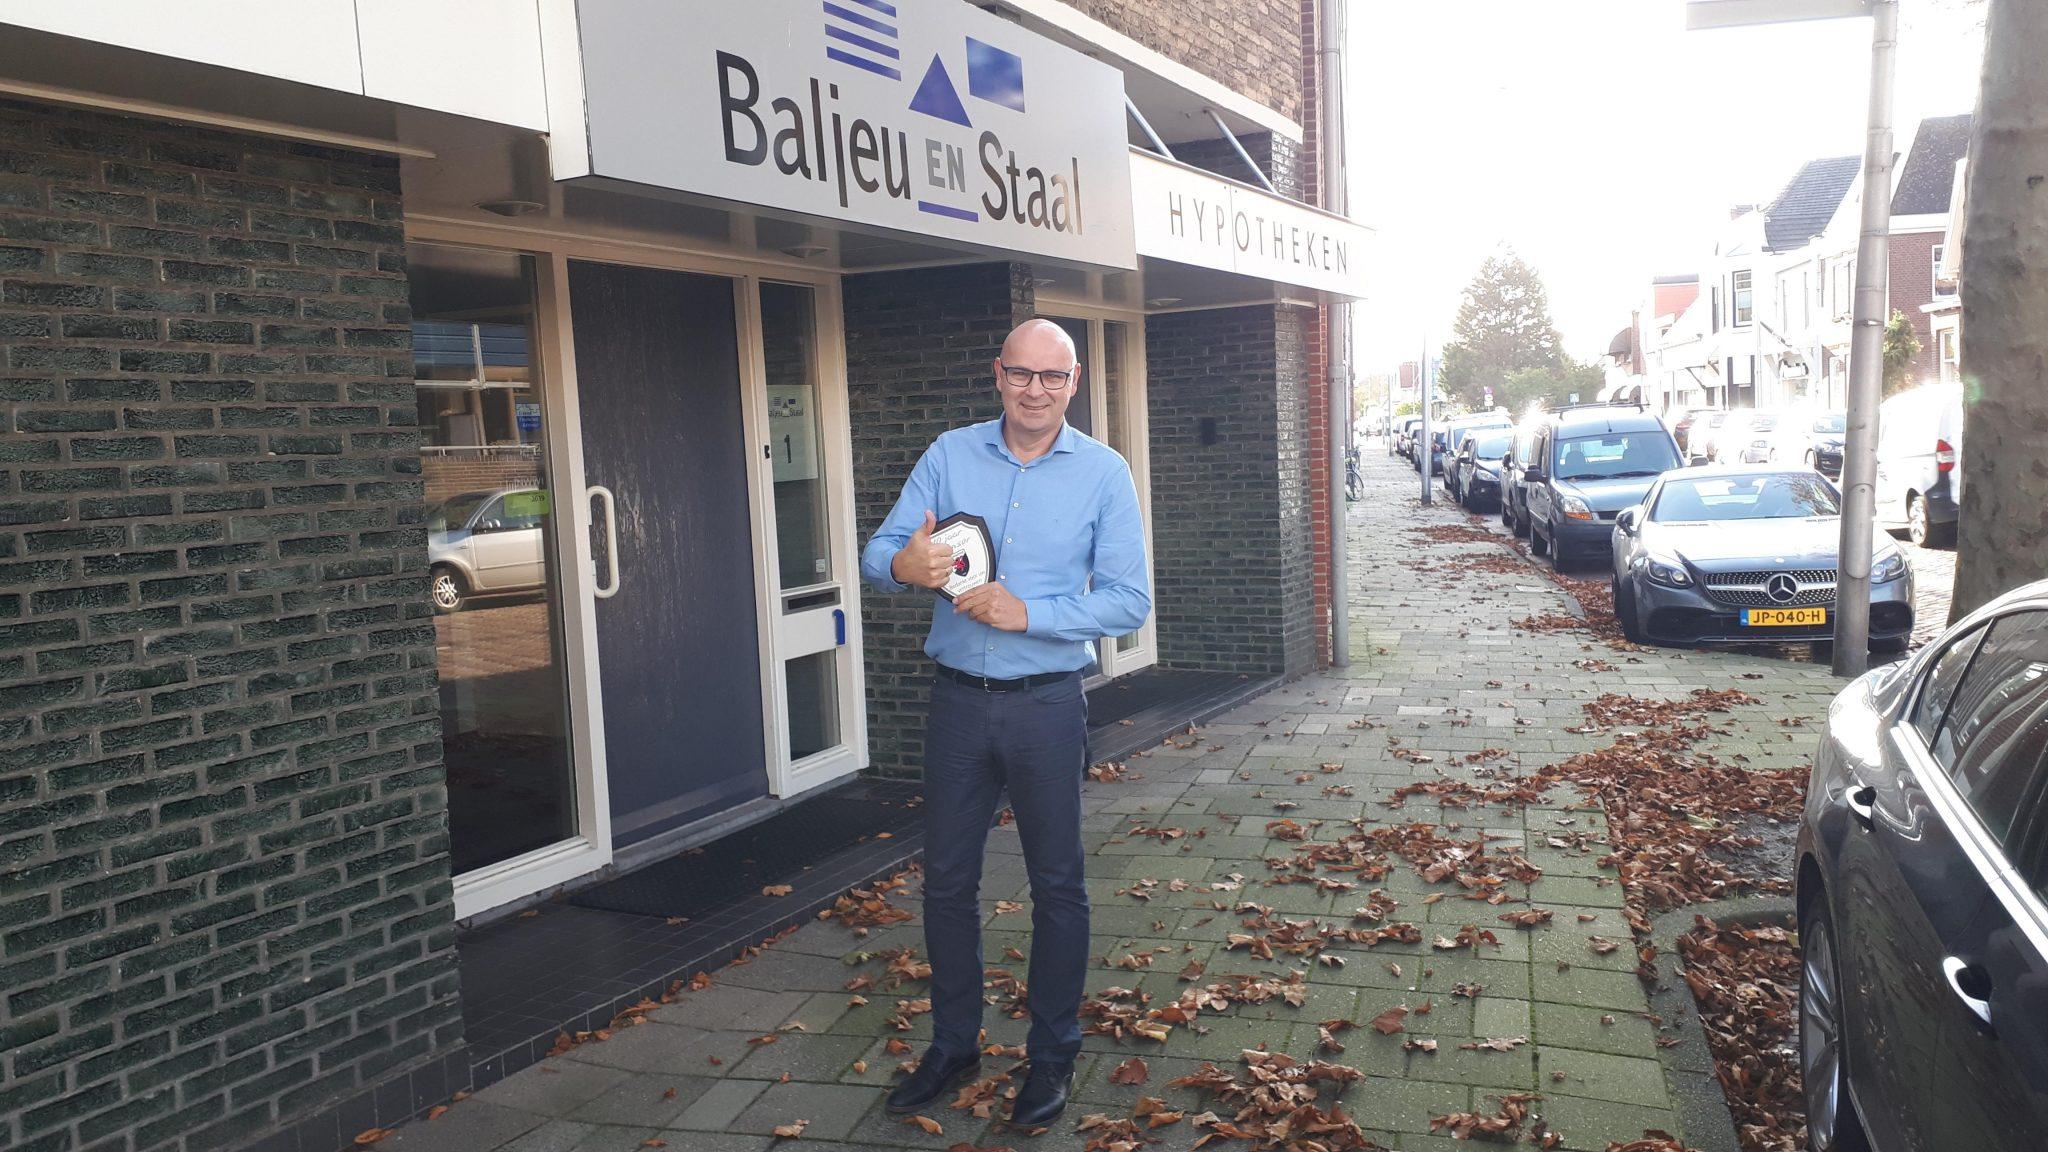 Baljeu en Staal al 14 jaar trouwe sponsor vv Naaldwijk